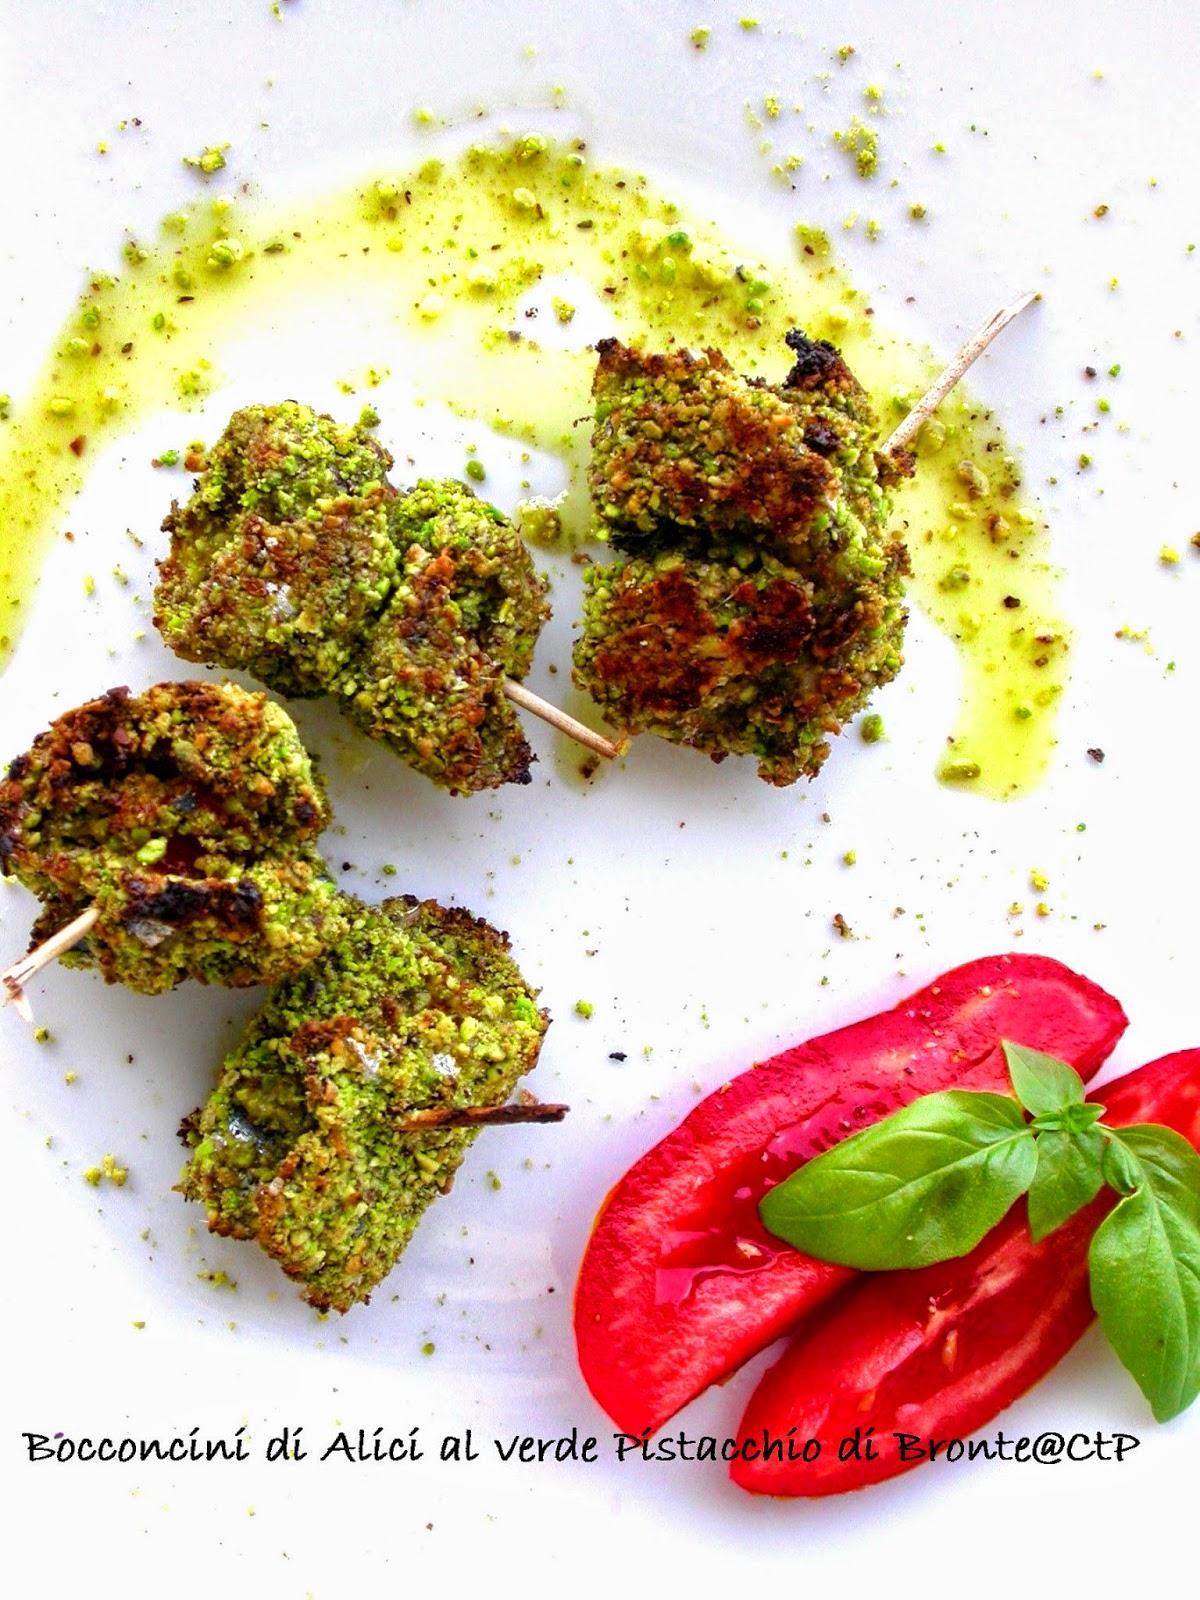 Bocconcini di alici al verde pistacchio datterini pecorino romano